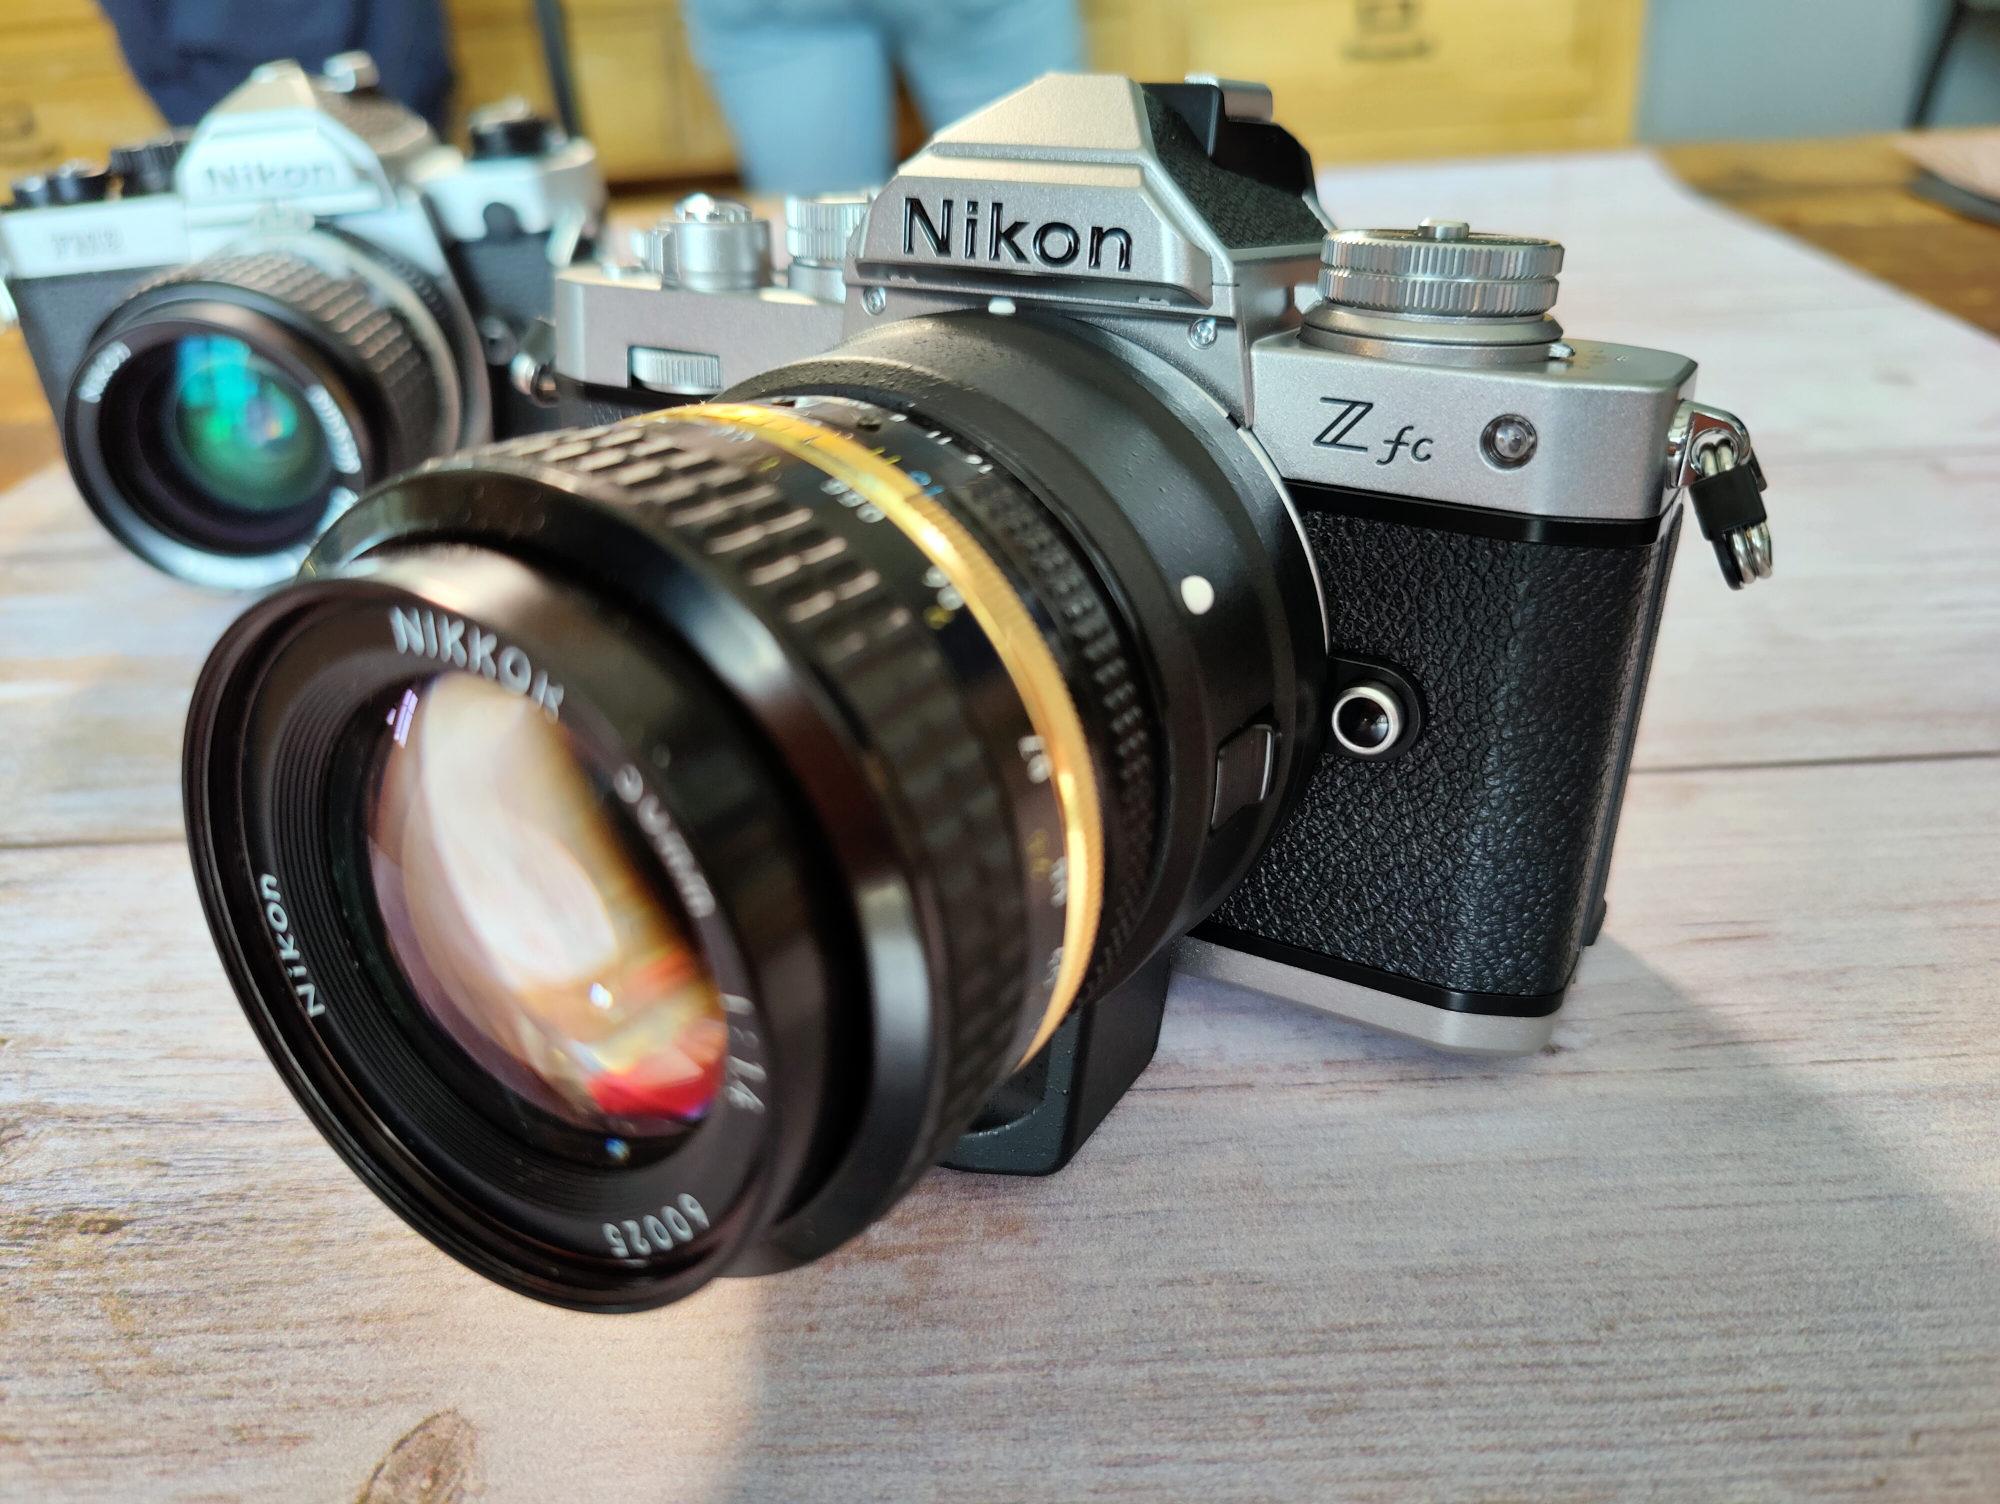 Nikon Z fc : un équivalent du Z50 avec un look rétro iconique